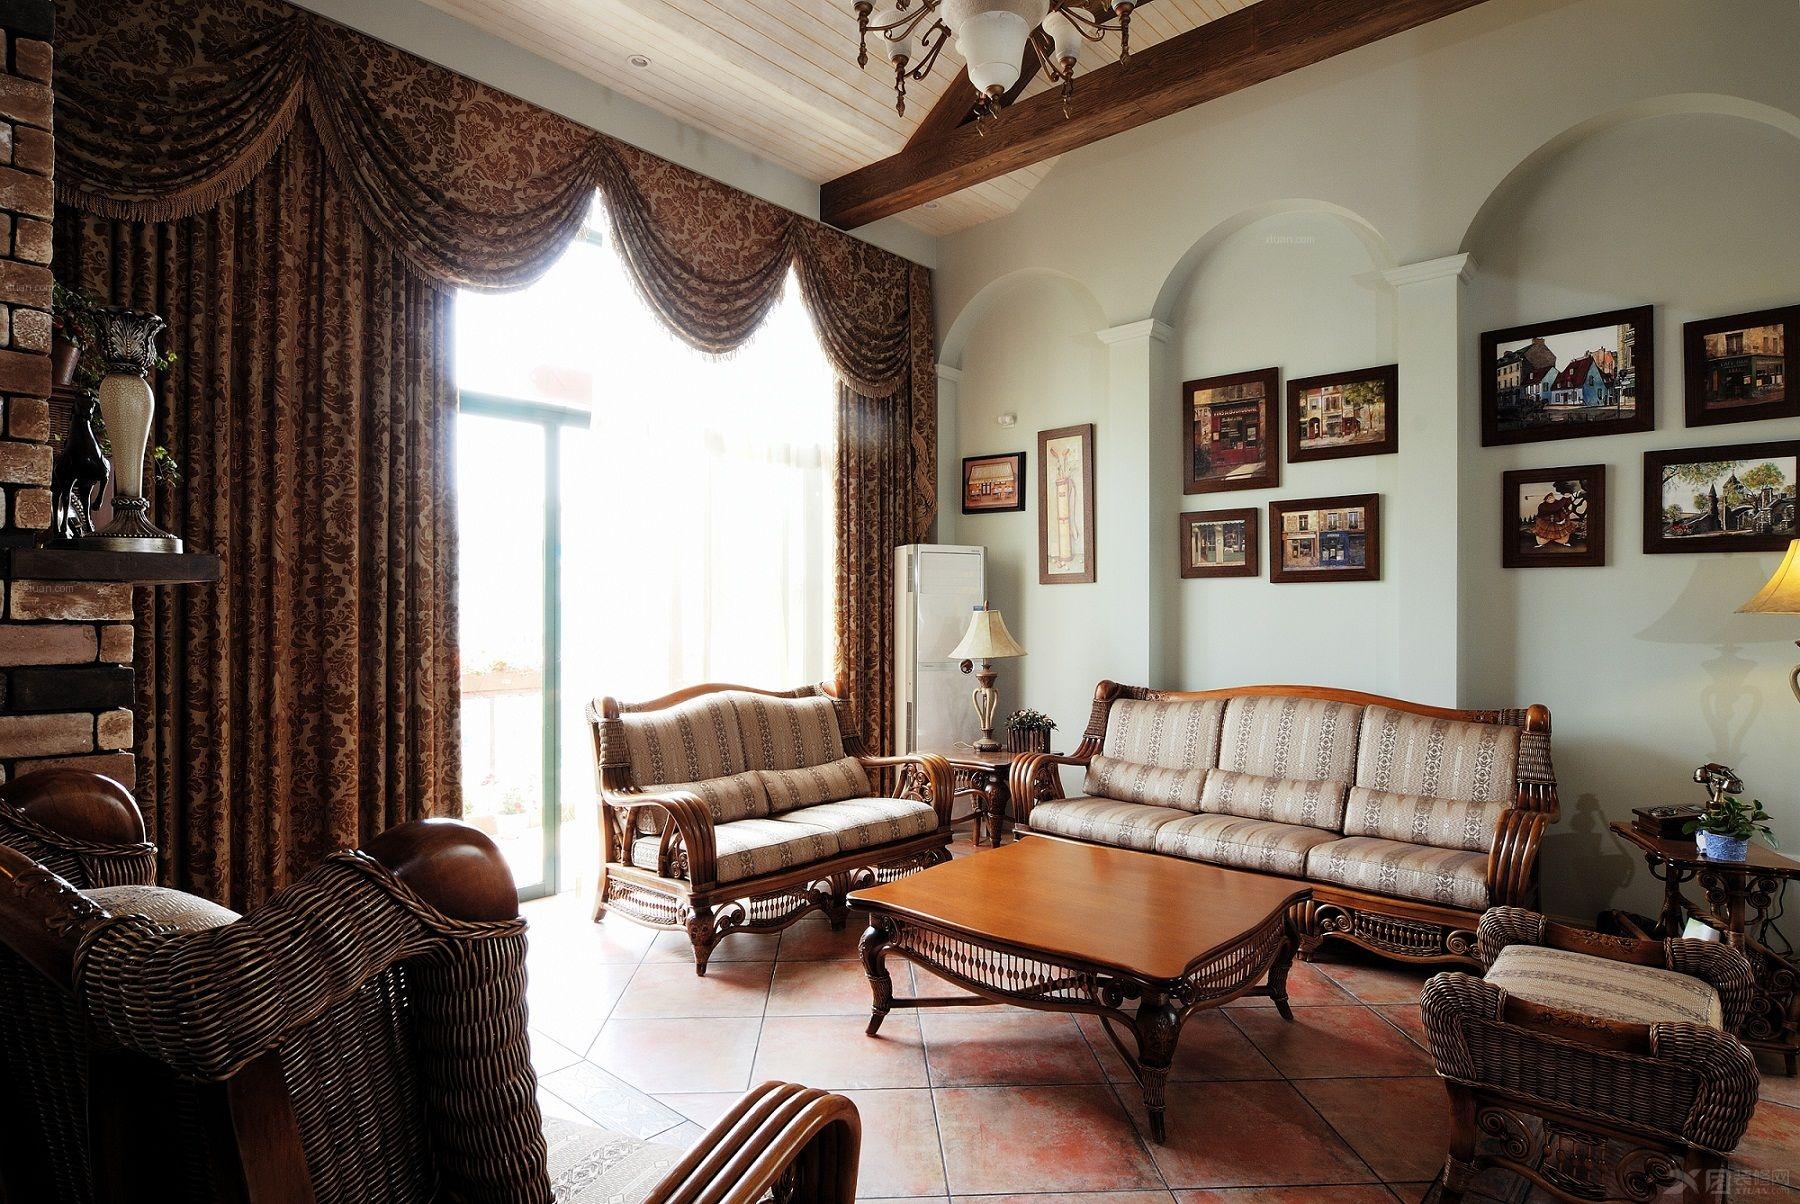 装修保障网 装修学堂 美式风格 美式乡村风格家具有什么特点 美式家具